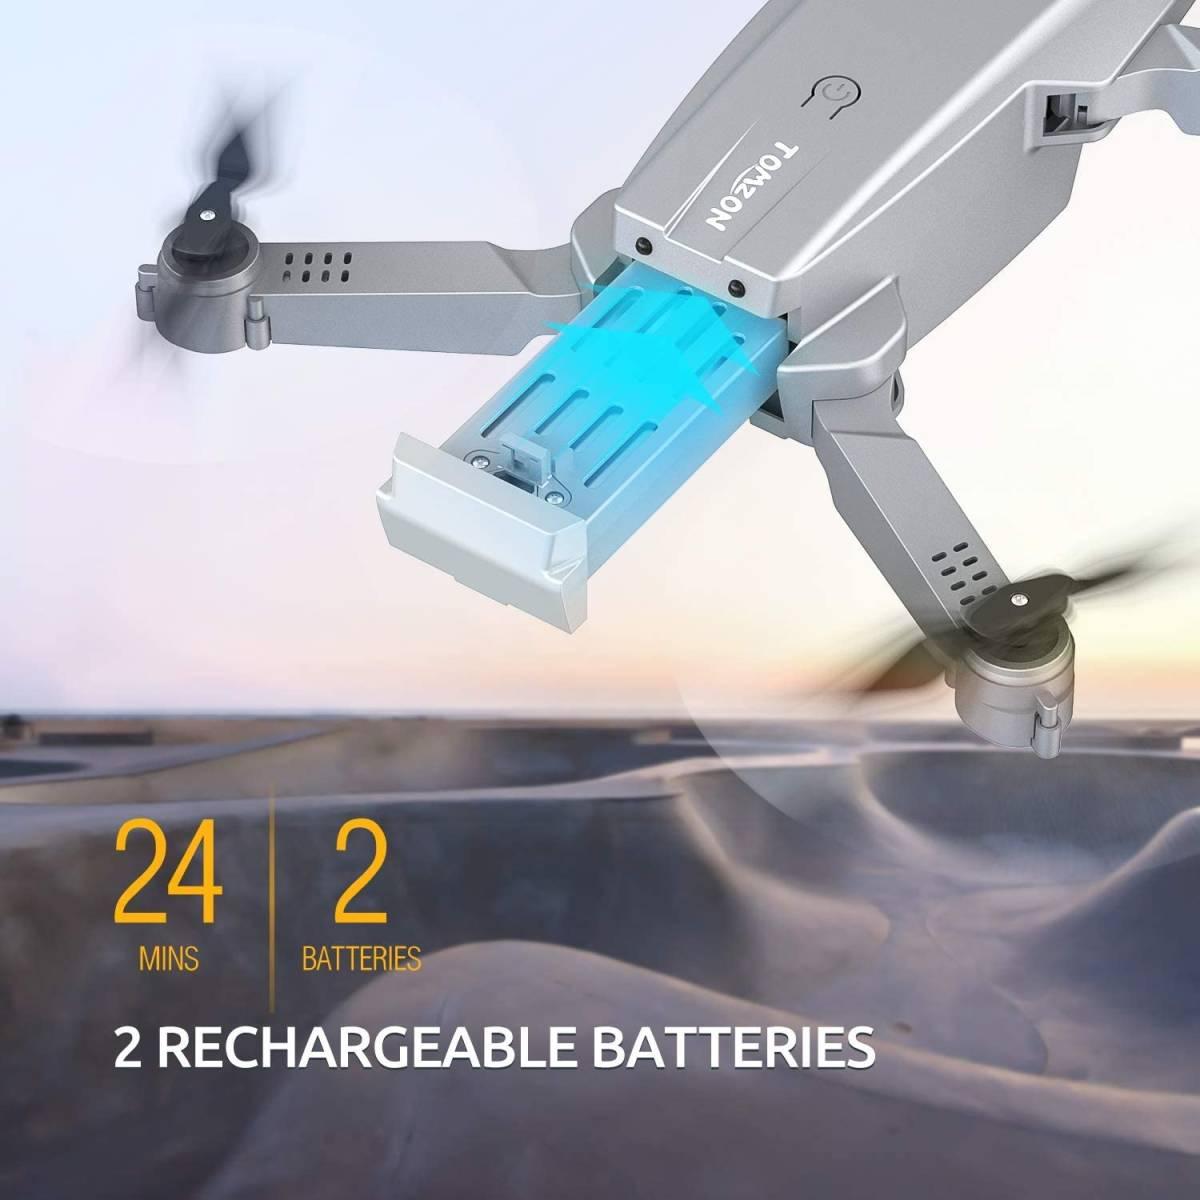 Tomzon ドローン 4Kカメラ付き 小型 初心者向け バッテリー2個 ヘッドレスモード 室内向け 折り畳み 収納ケース付き 国内認証済み D25